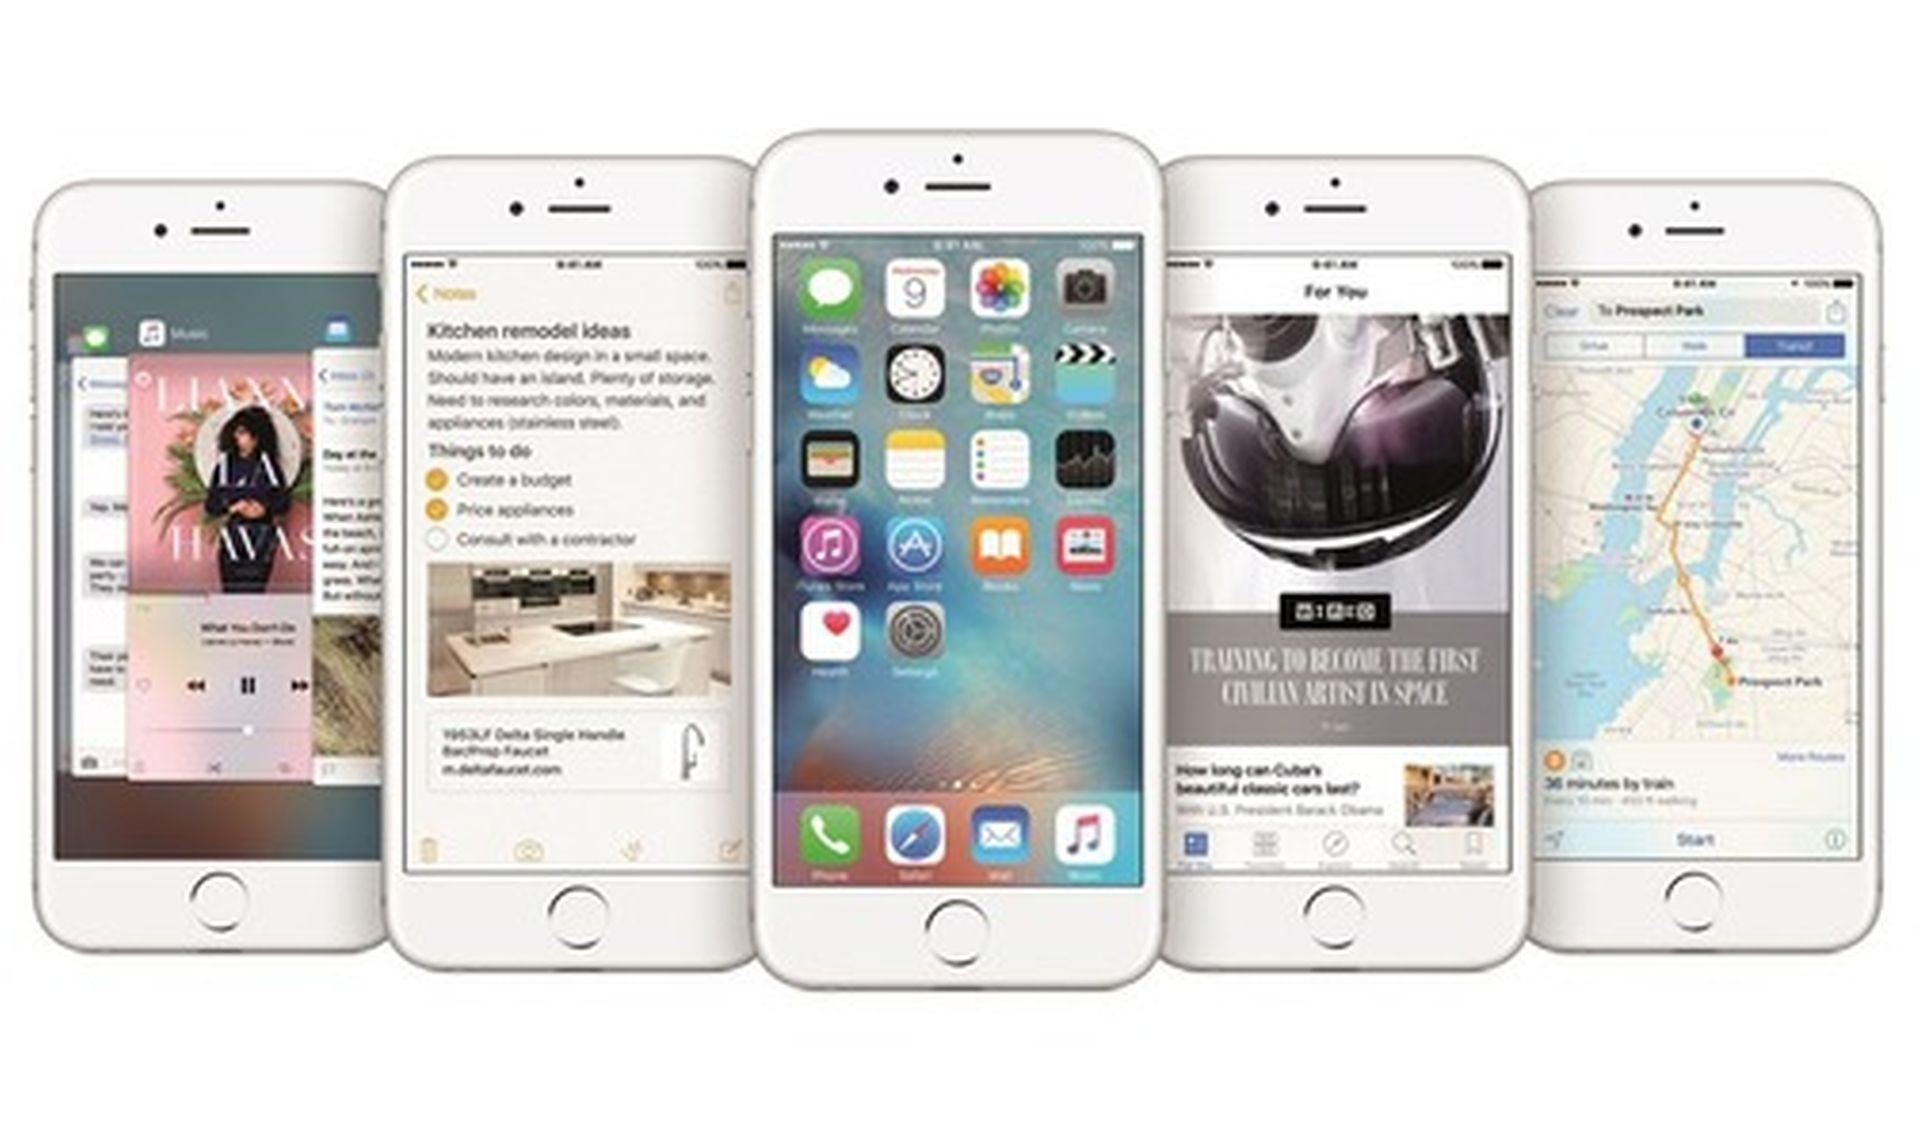 BILJEŽI LOKACIJE – Skrivena opcija u iPhoneu prati svaki vaš korak